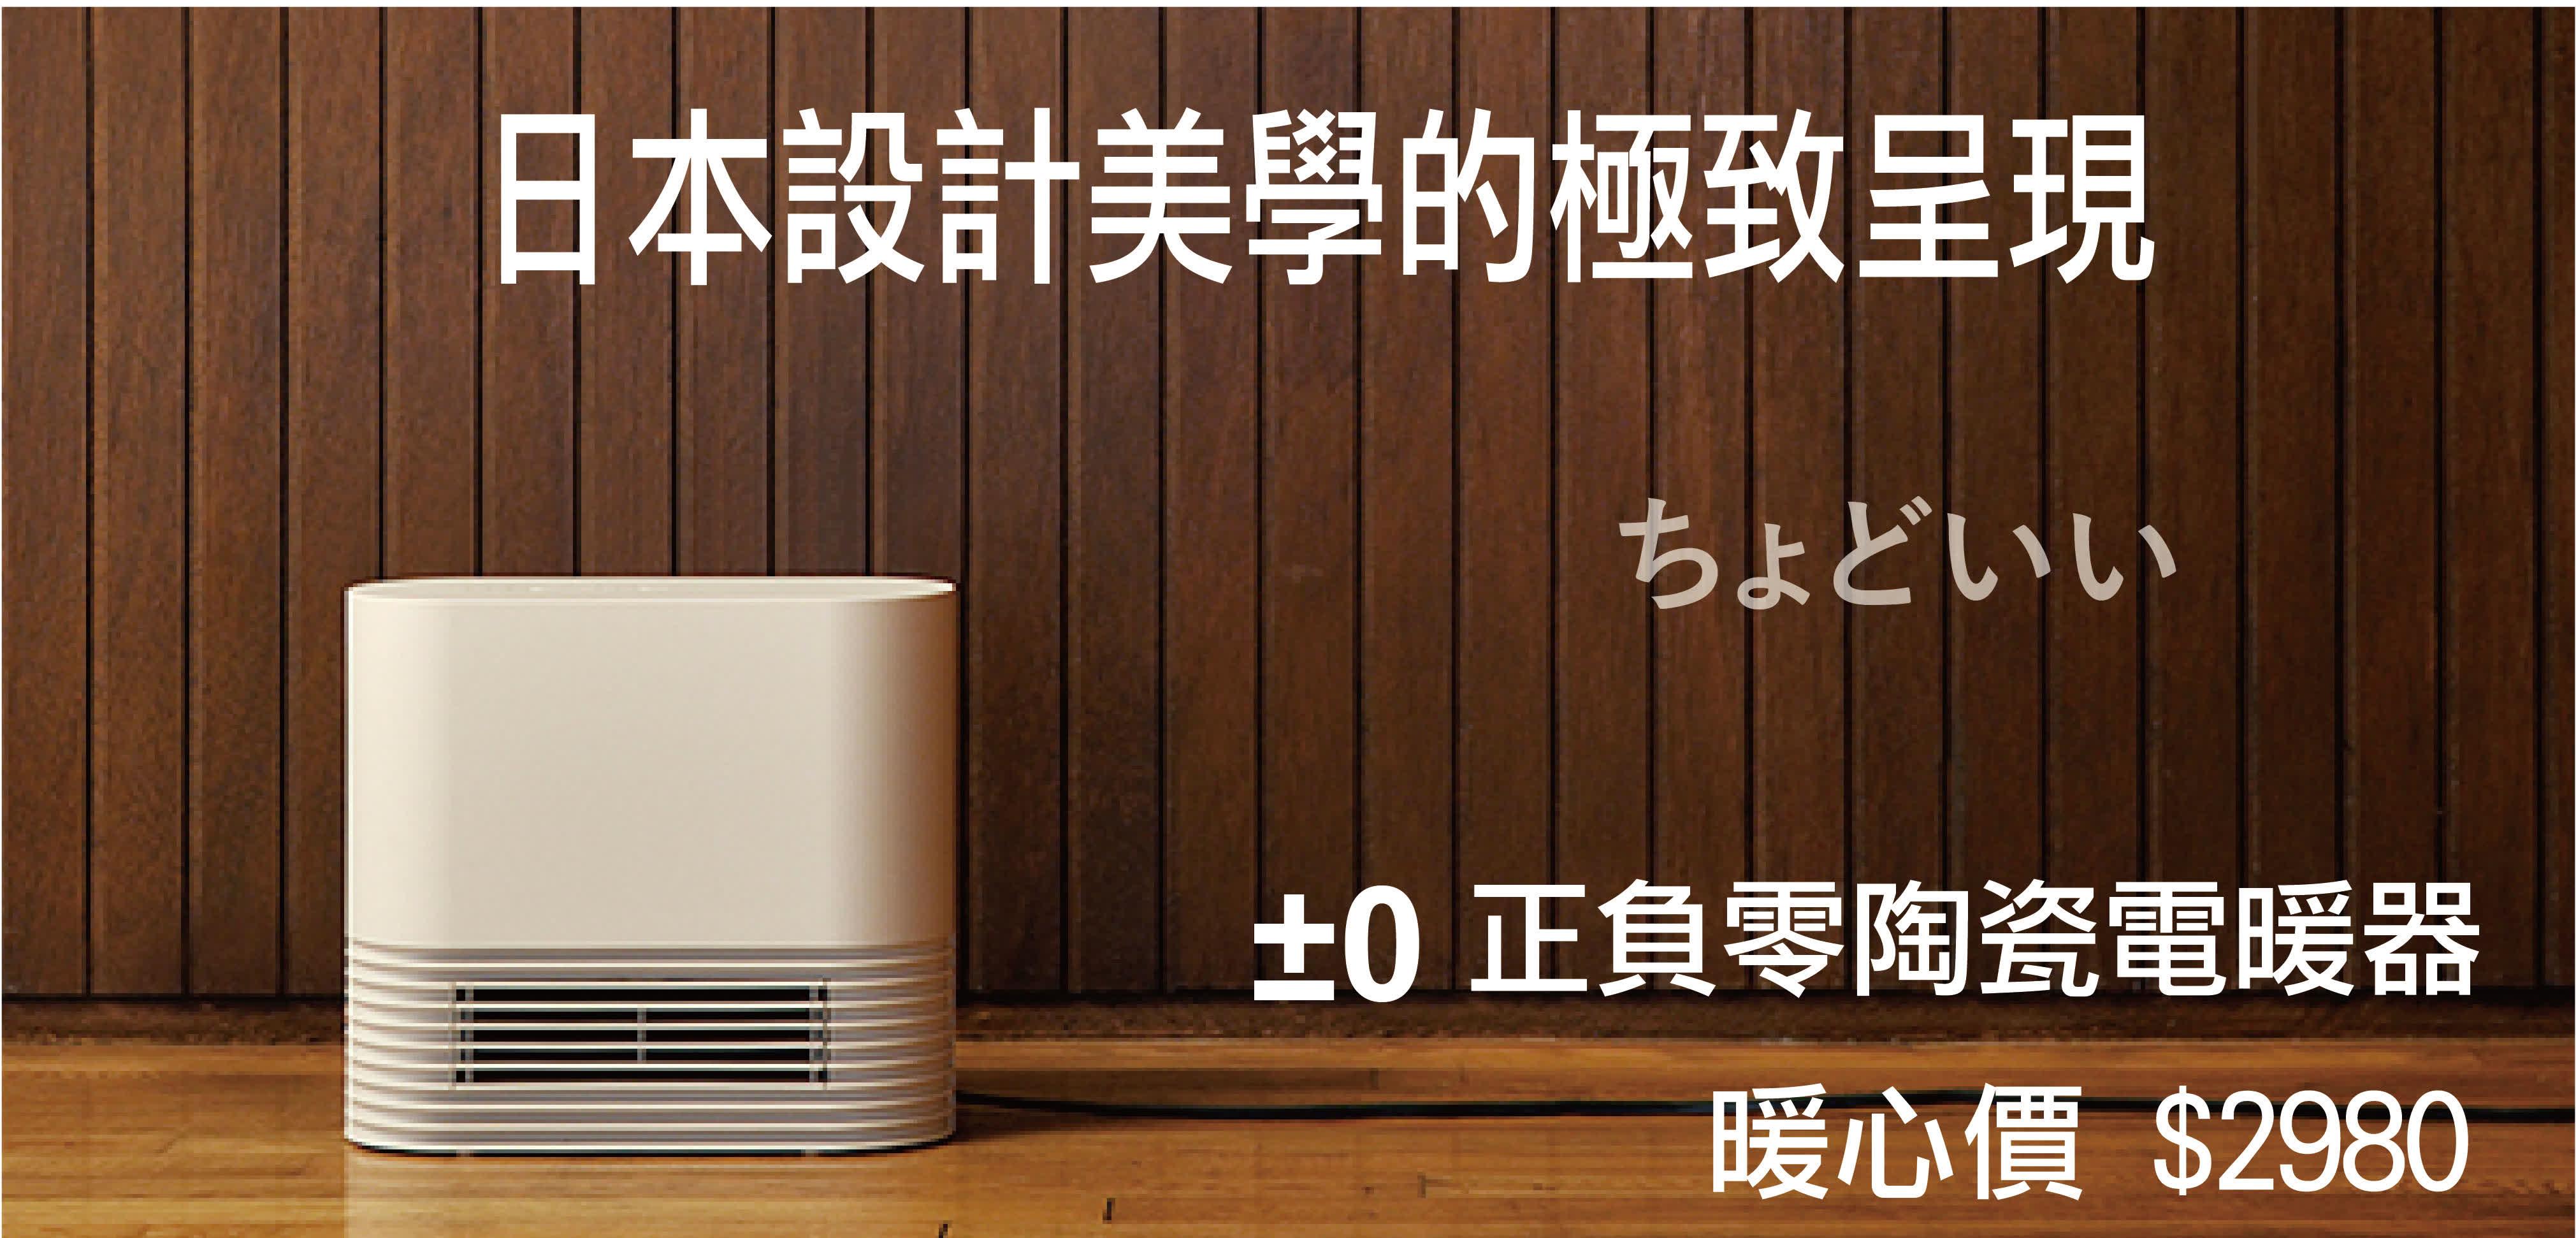 日本熱銷 限時特賣中